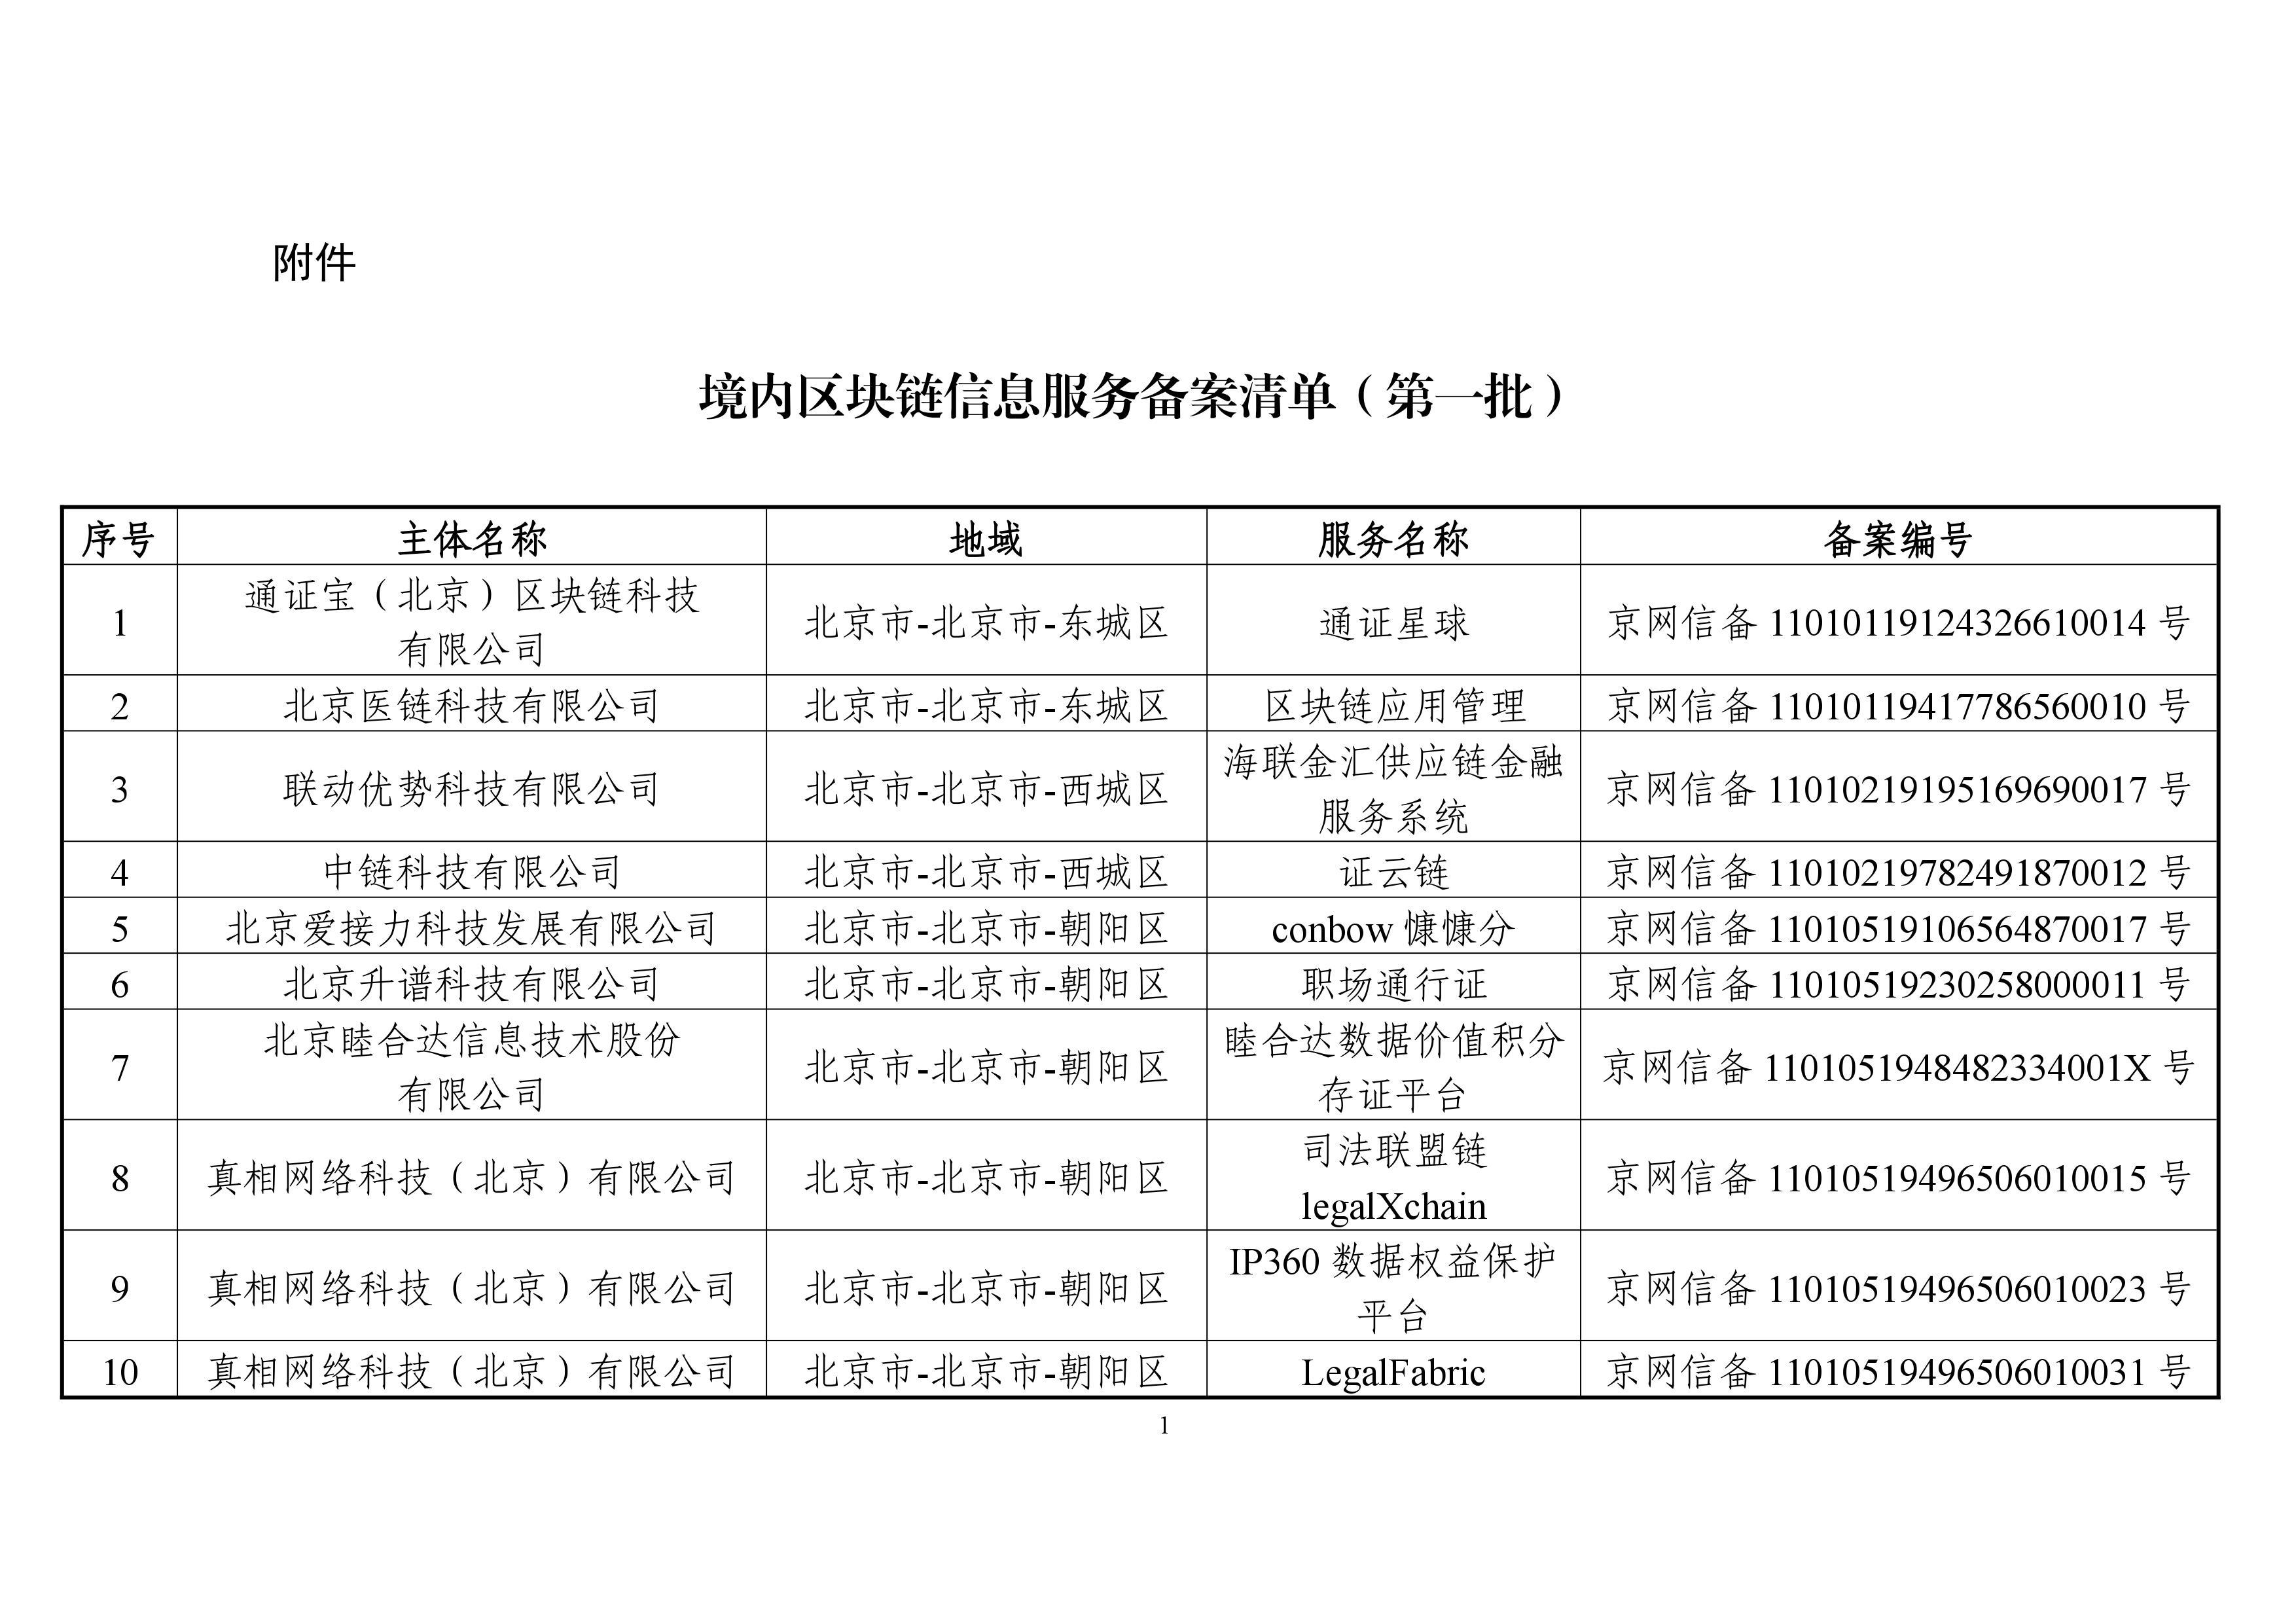 国家网信办首批境内区块链信息服务备案清单(完整版)